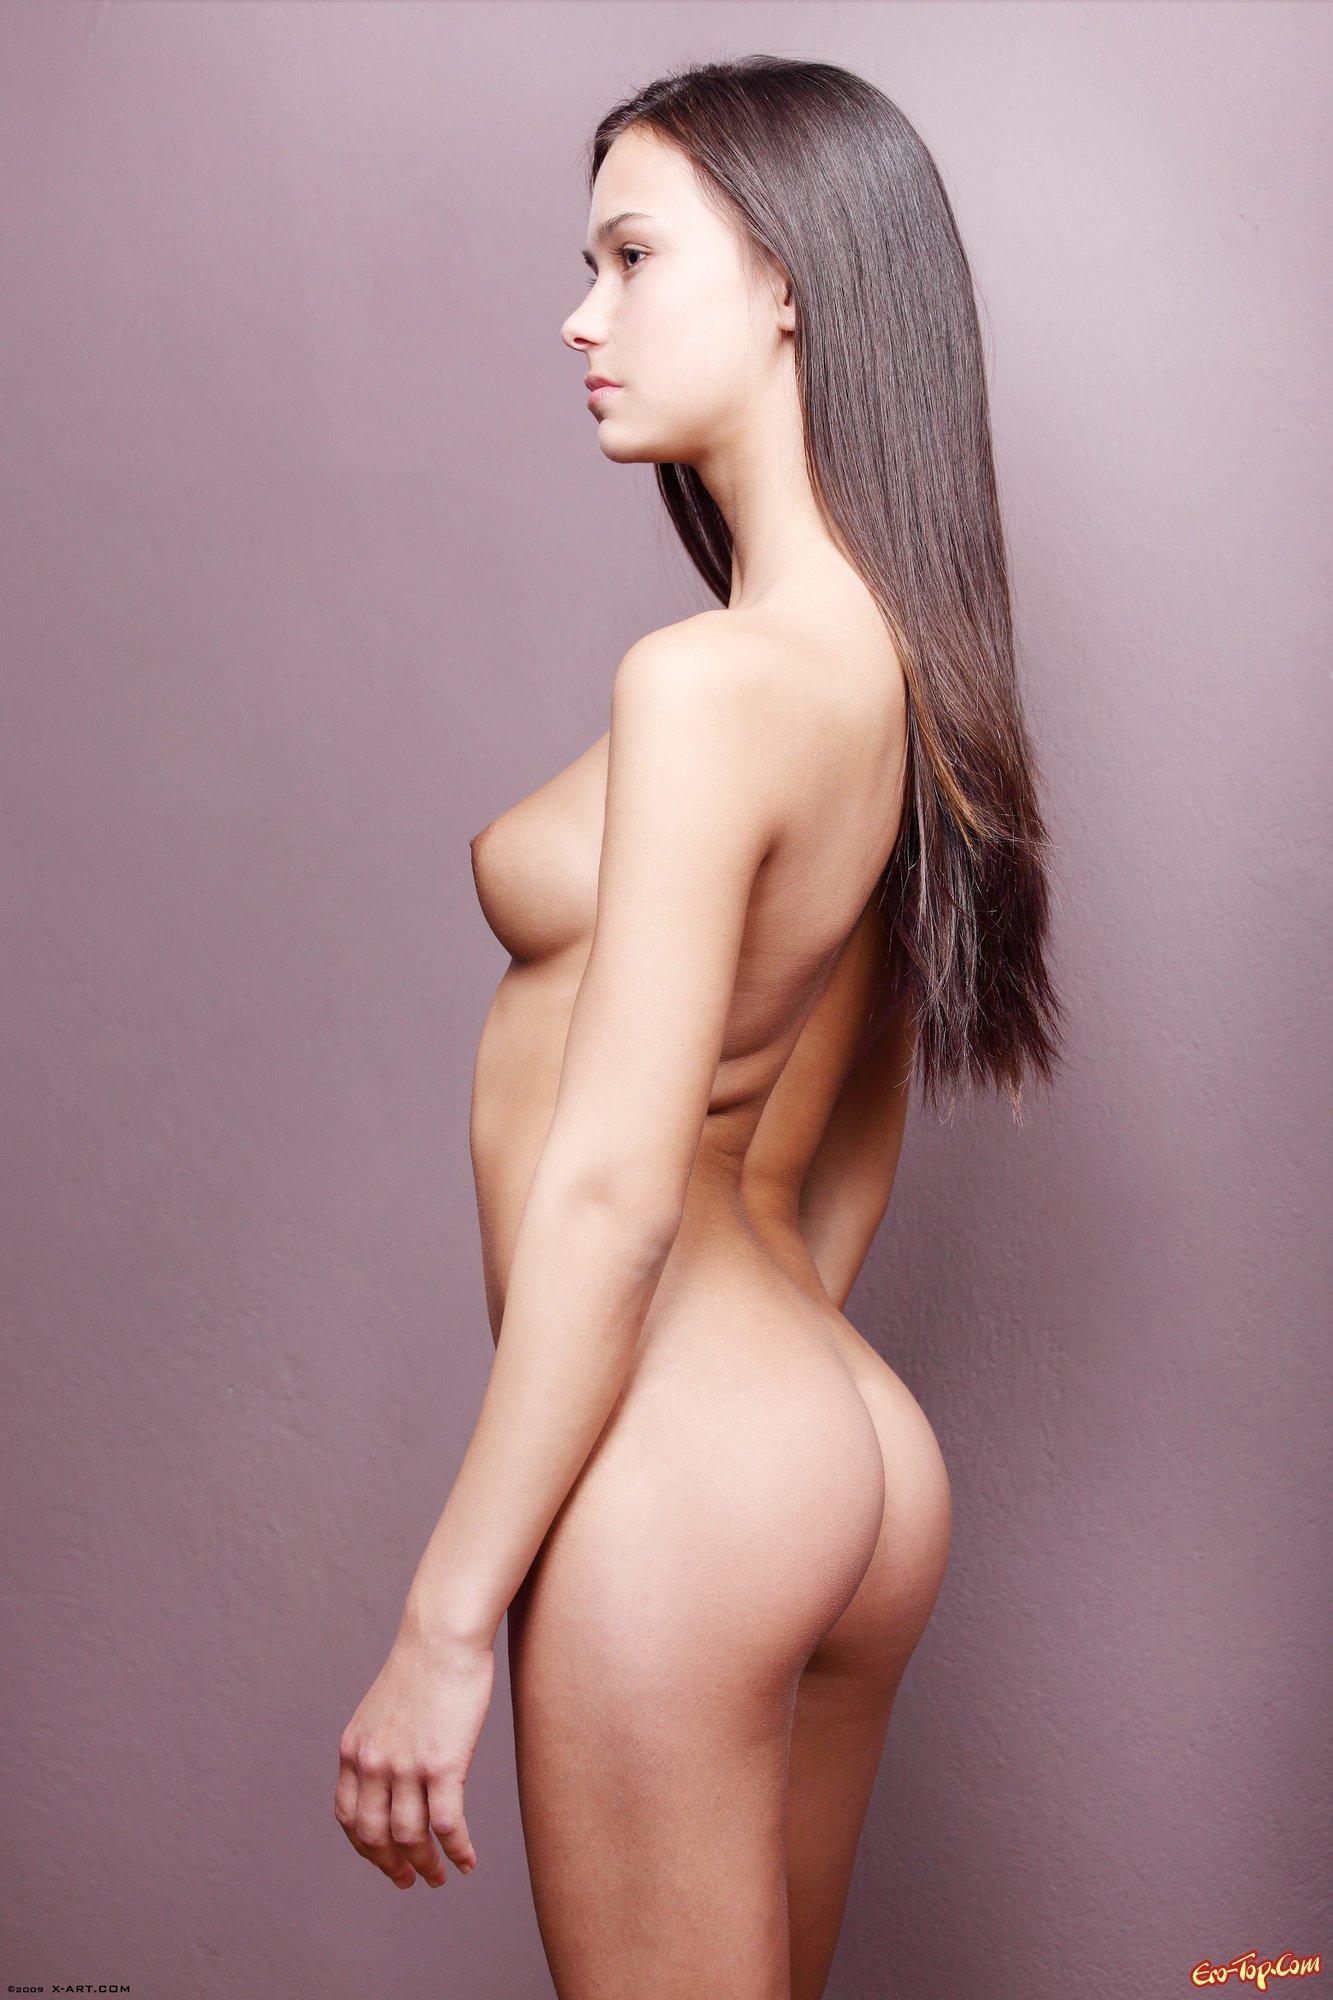 Фото юные модели голые 9 фотография